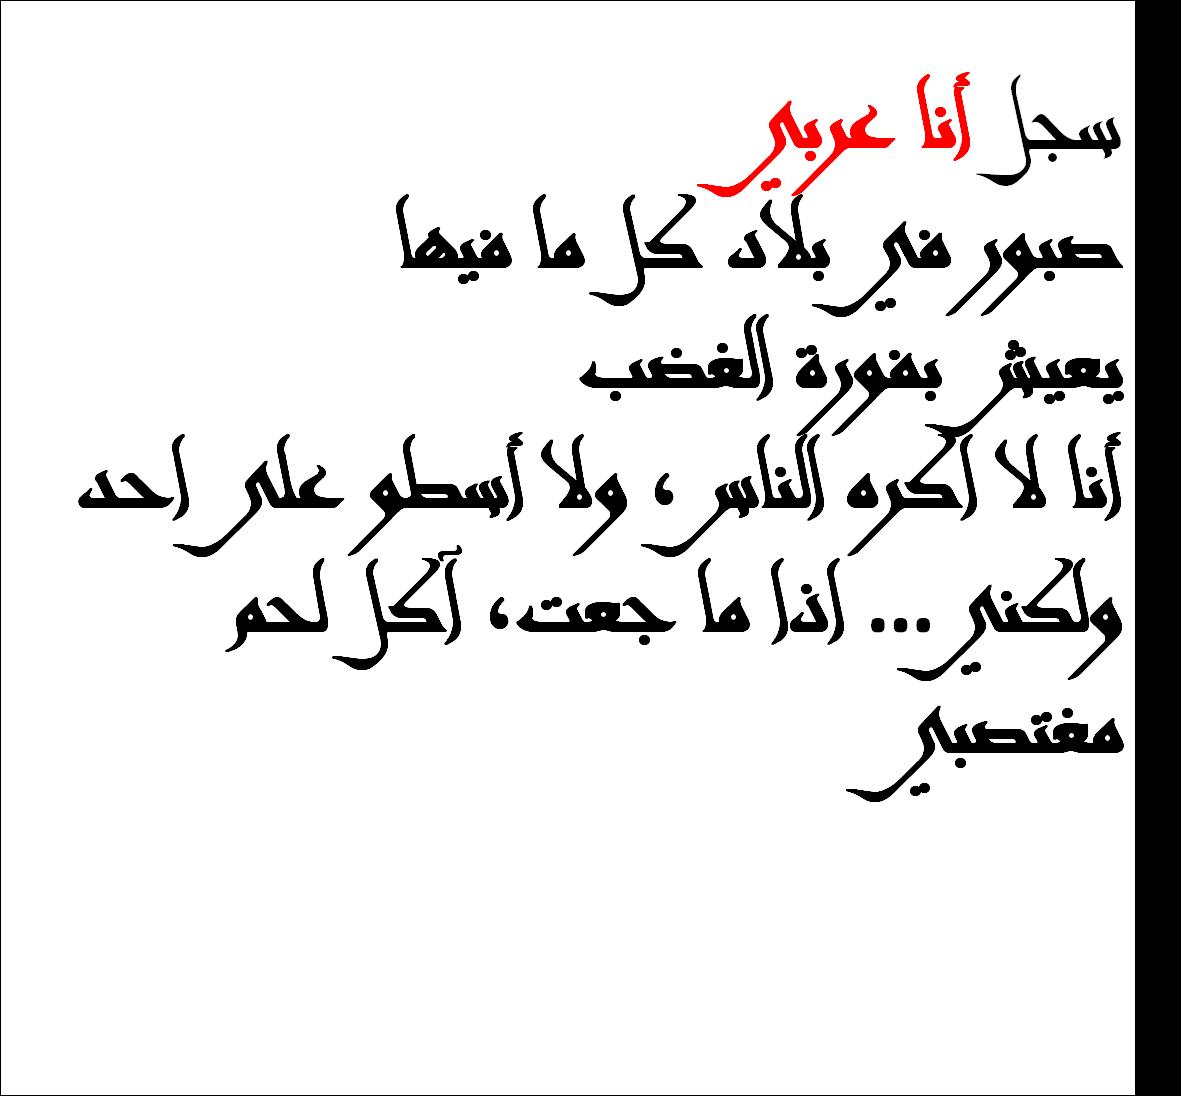 سجل أنا عربي صبور في بلاد كل ما فيها يعيش بفورة الغضب أنا لا اكره الناس ولا أسطو على احد ولكني اذا ما جعت آكل لحم مغتصبي محمو Quotes Poem Quotes